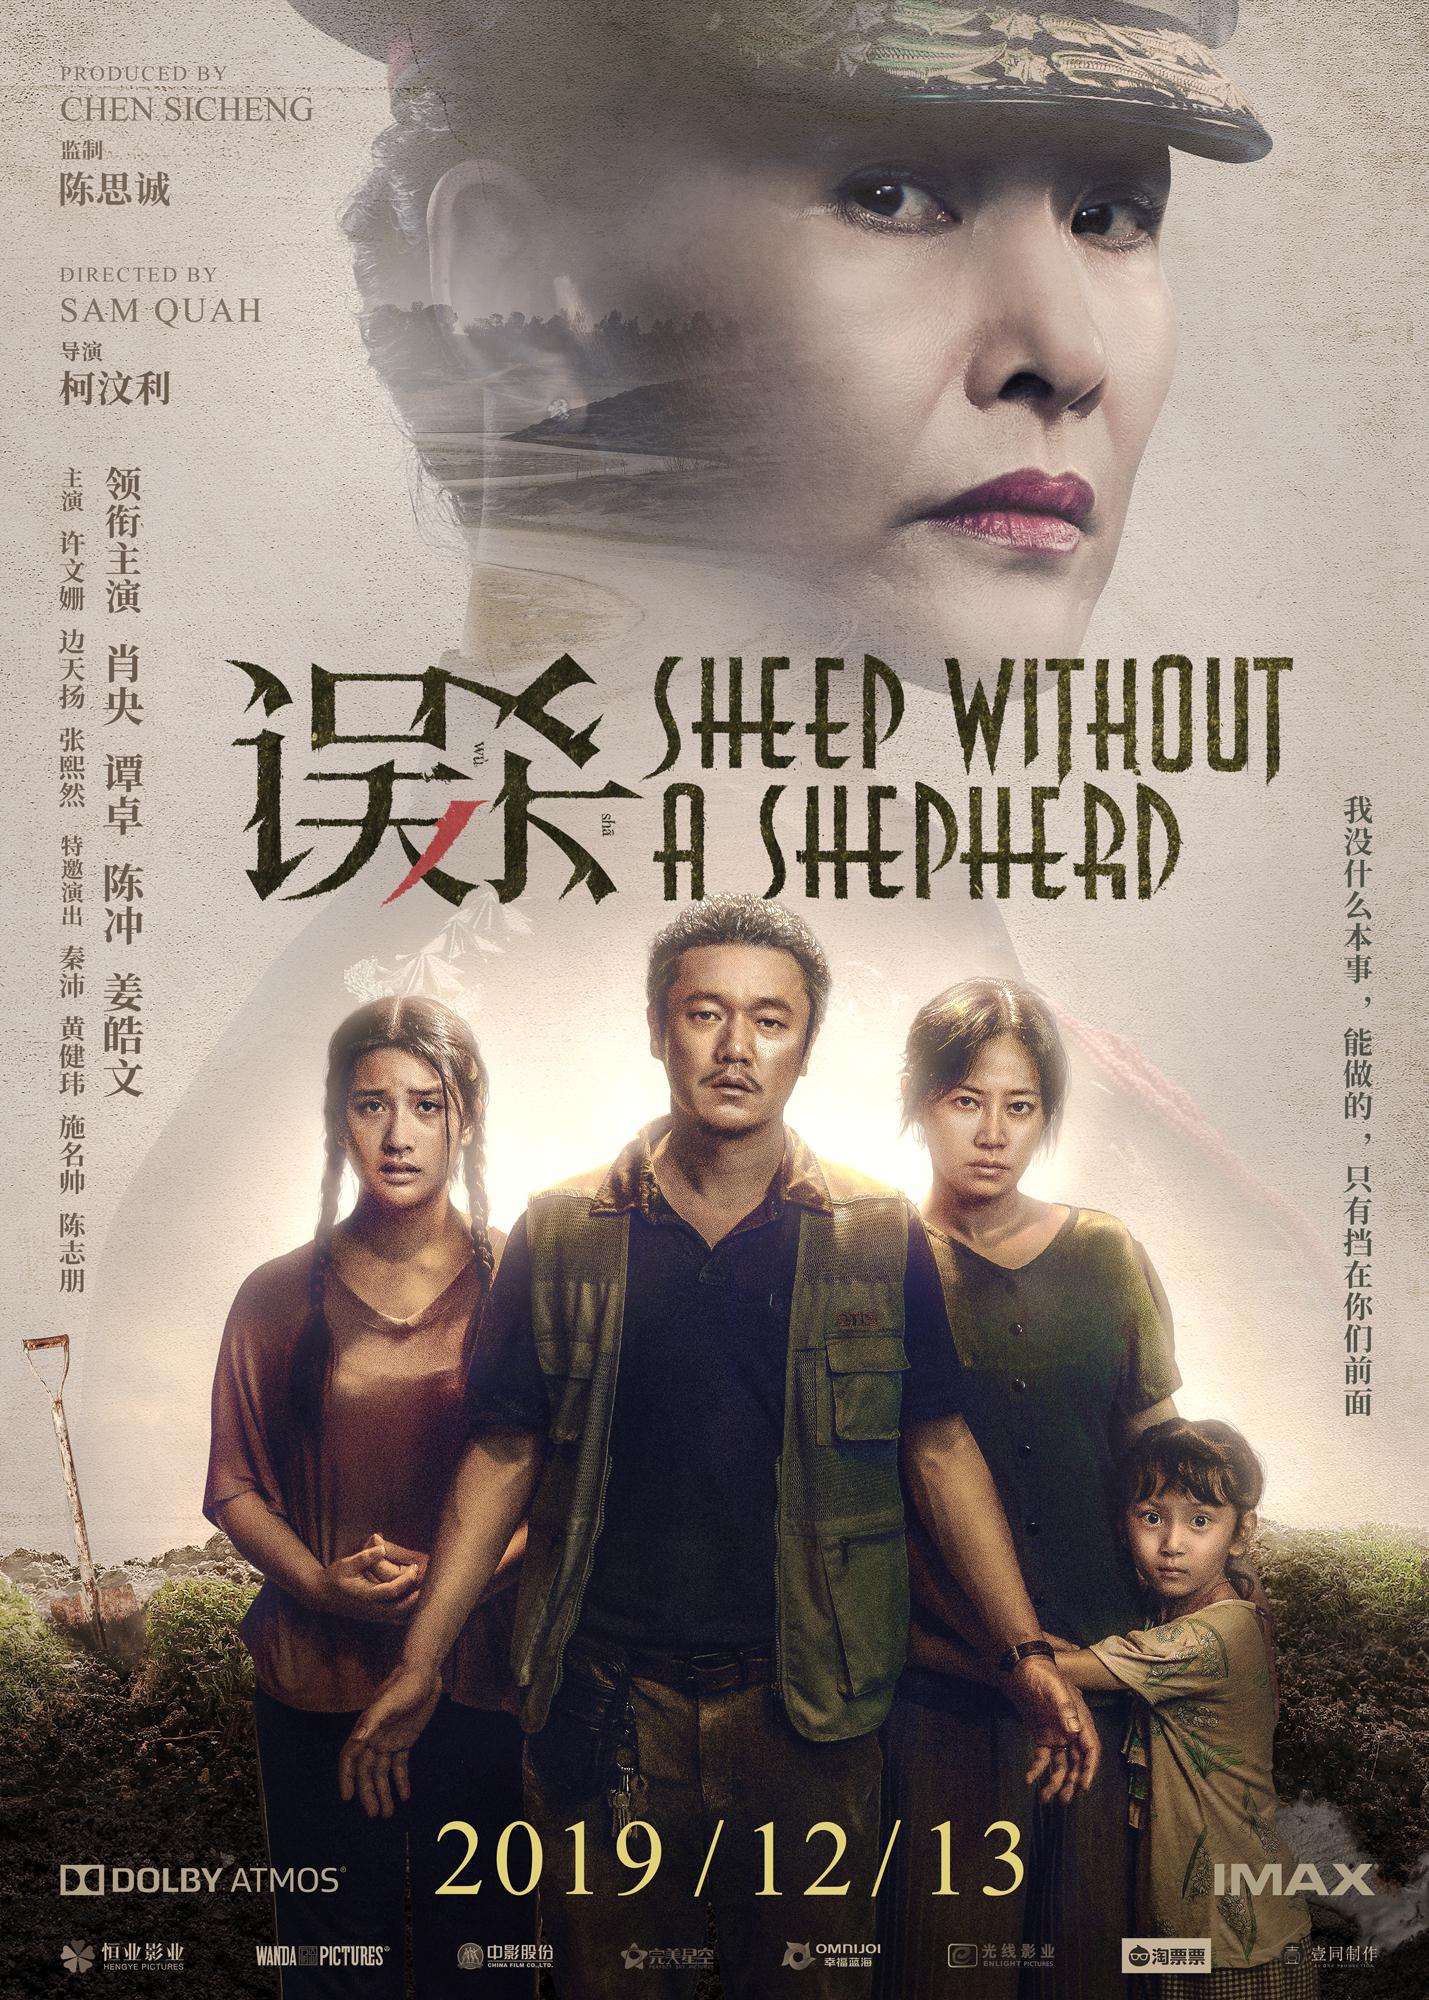 Sheep Without A Shepherd 2019 Imdb